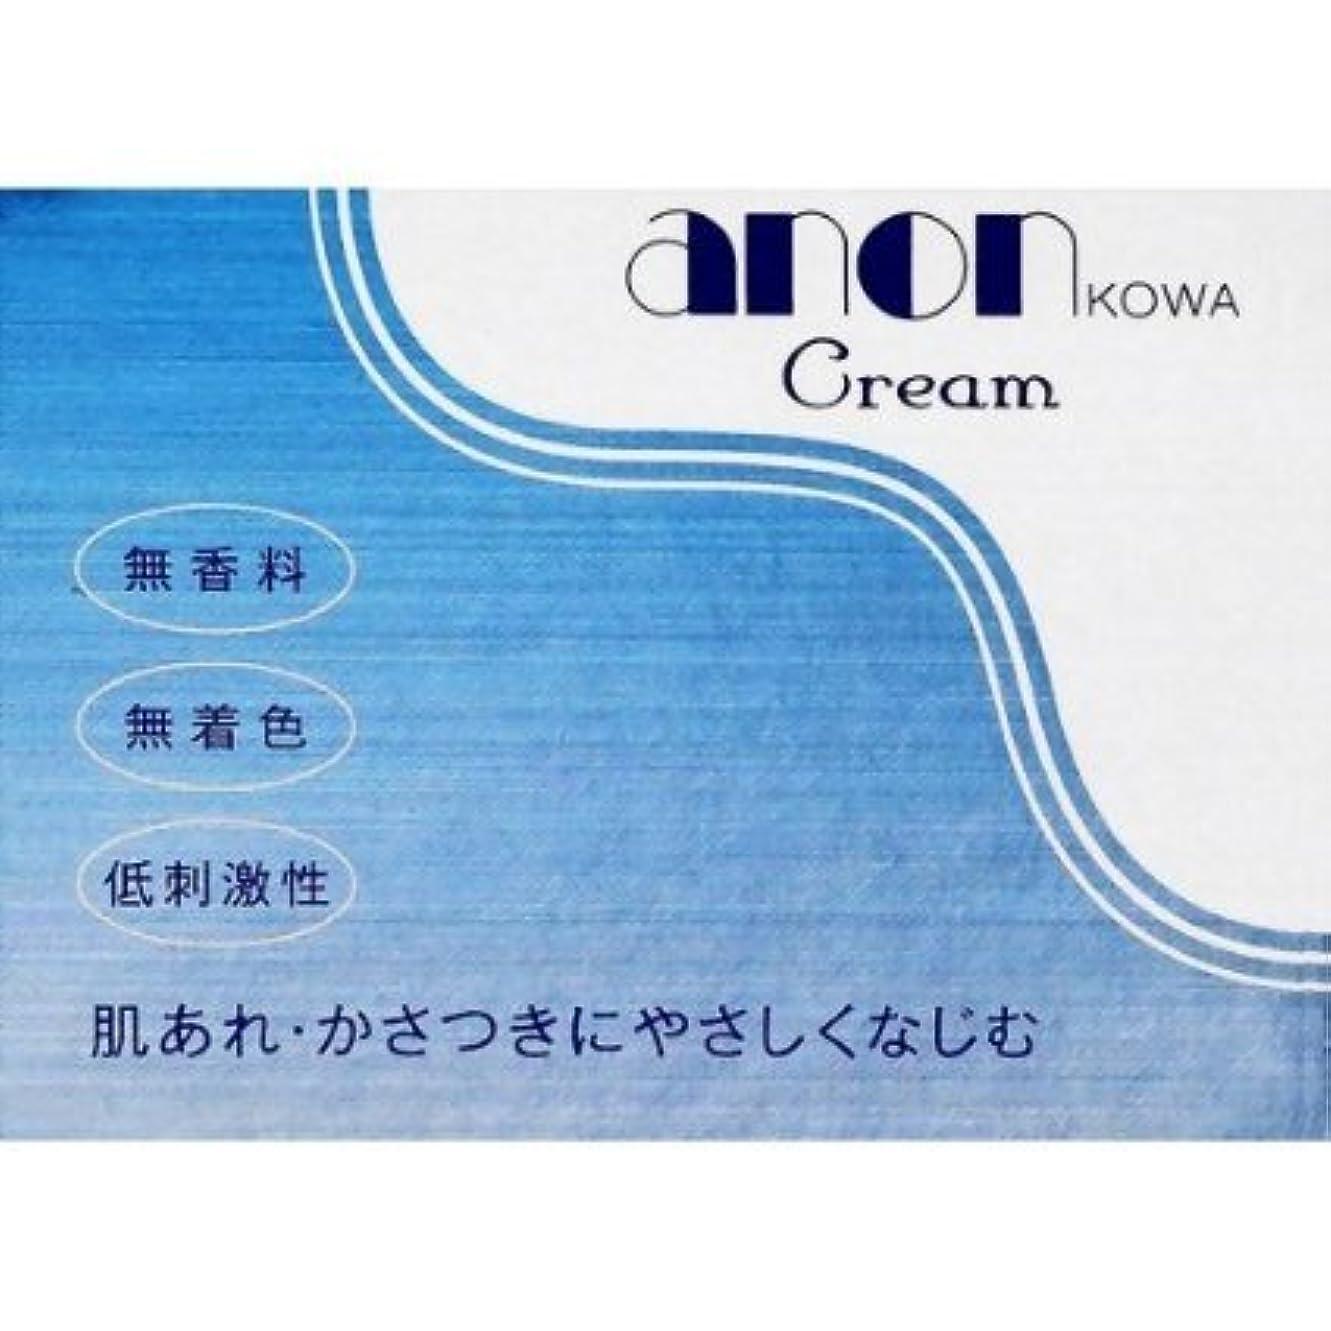 かすれた枯渇する粉砕する興和新薬 アノンコーワクリーム80g×2 1847